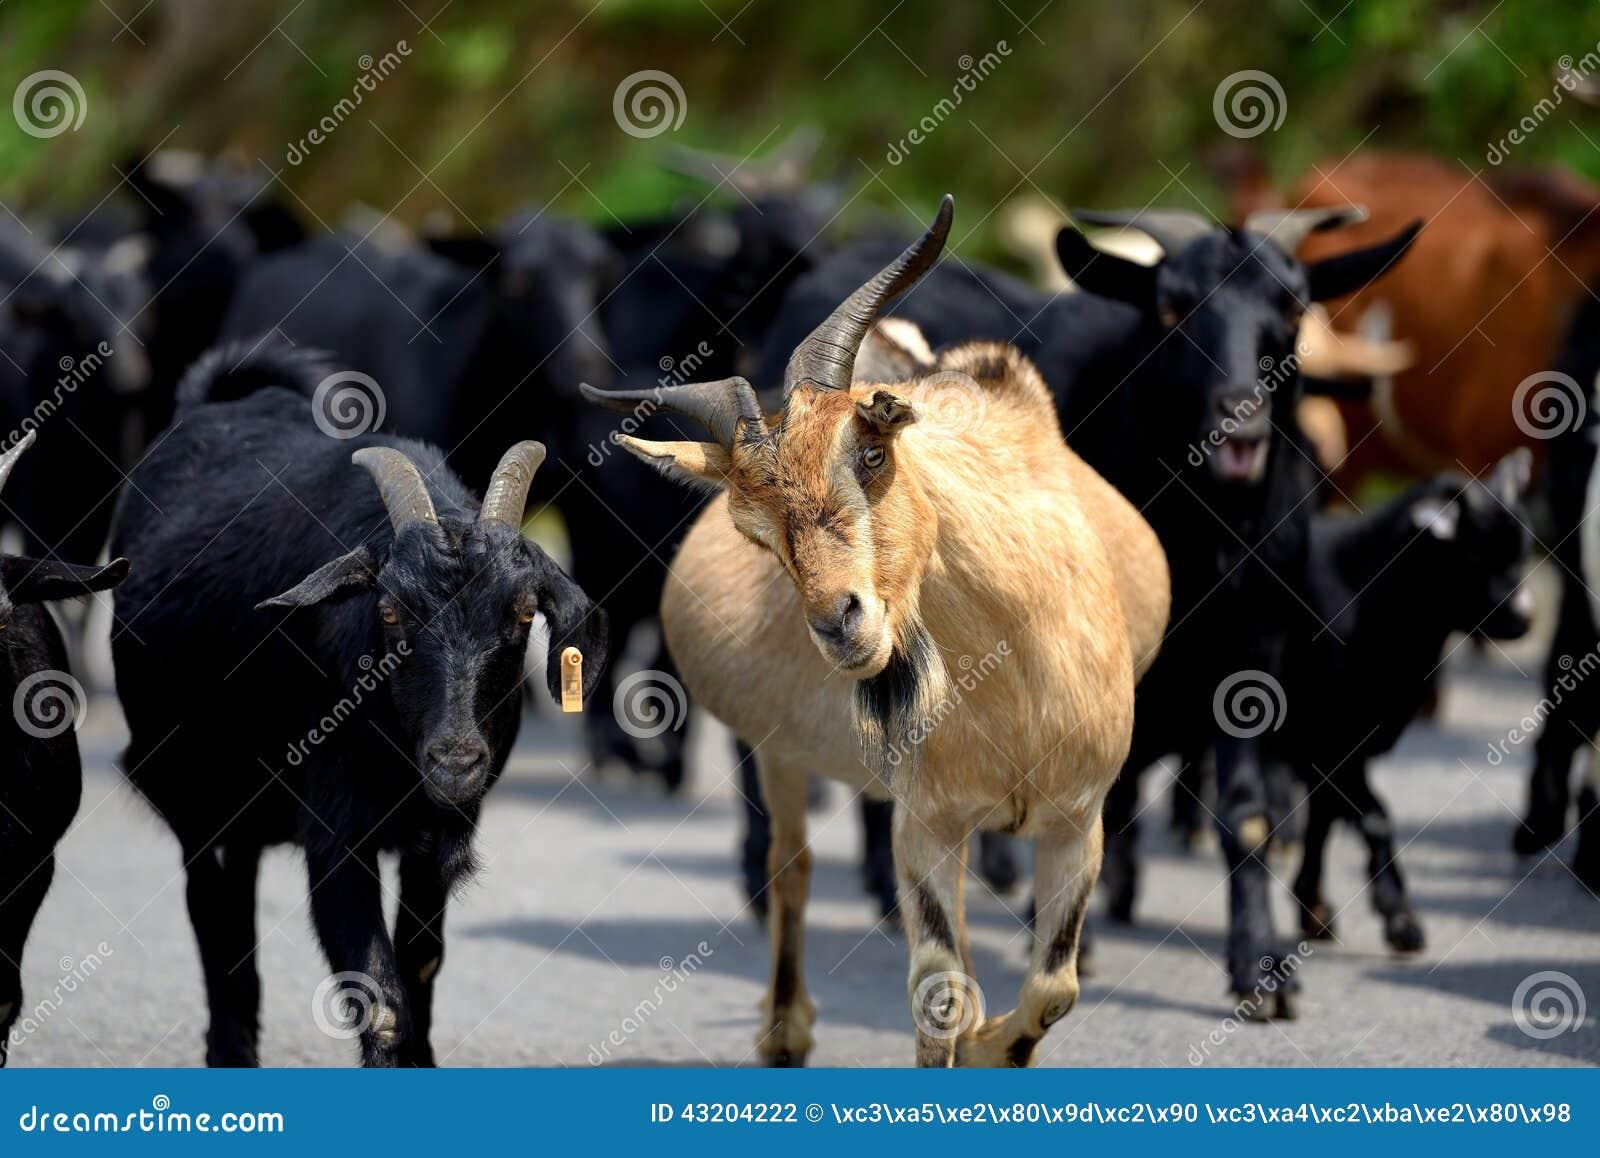 Download Flock arkivfoto. Bild av mycket, mött, flock, yellow - 43204222